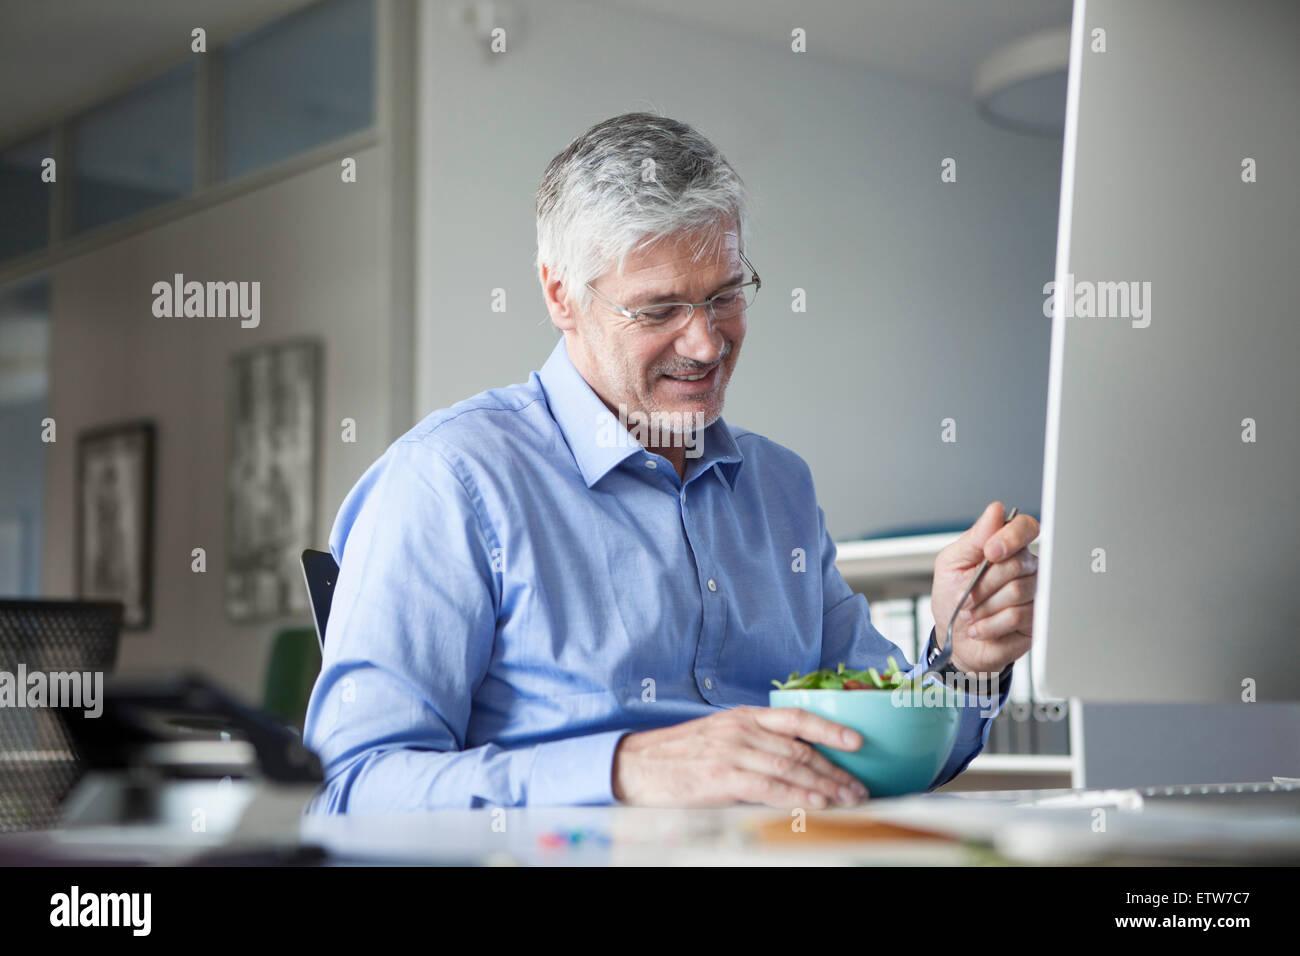 Empresario sentado en una mesa, comer ensalada Imagen De Stock